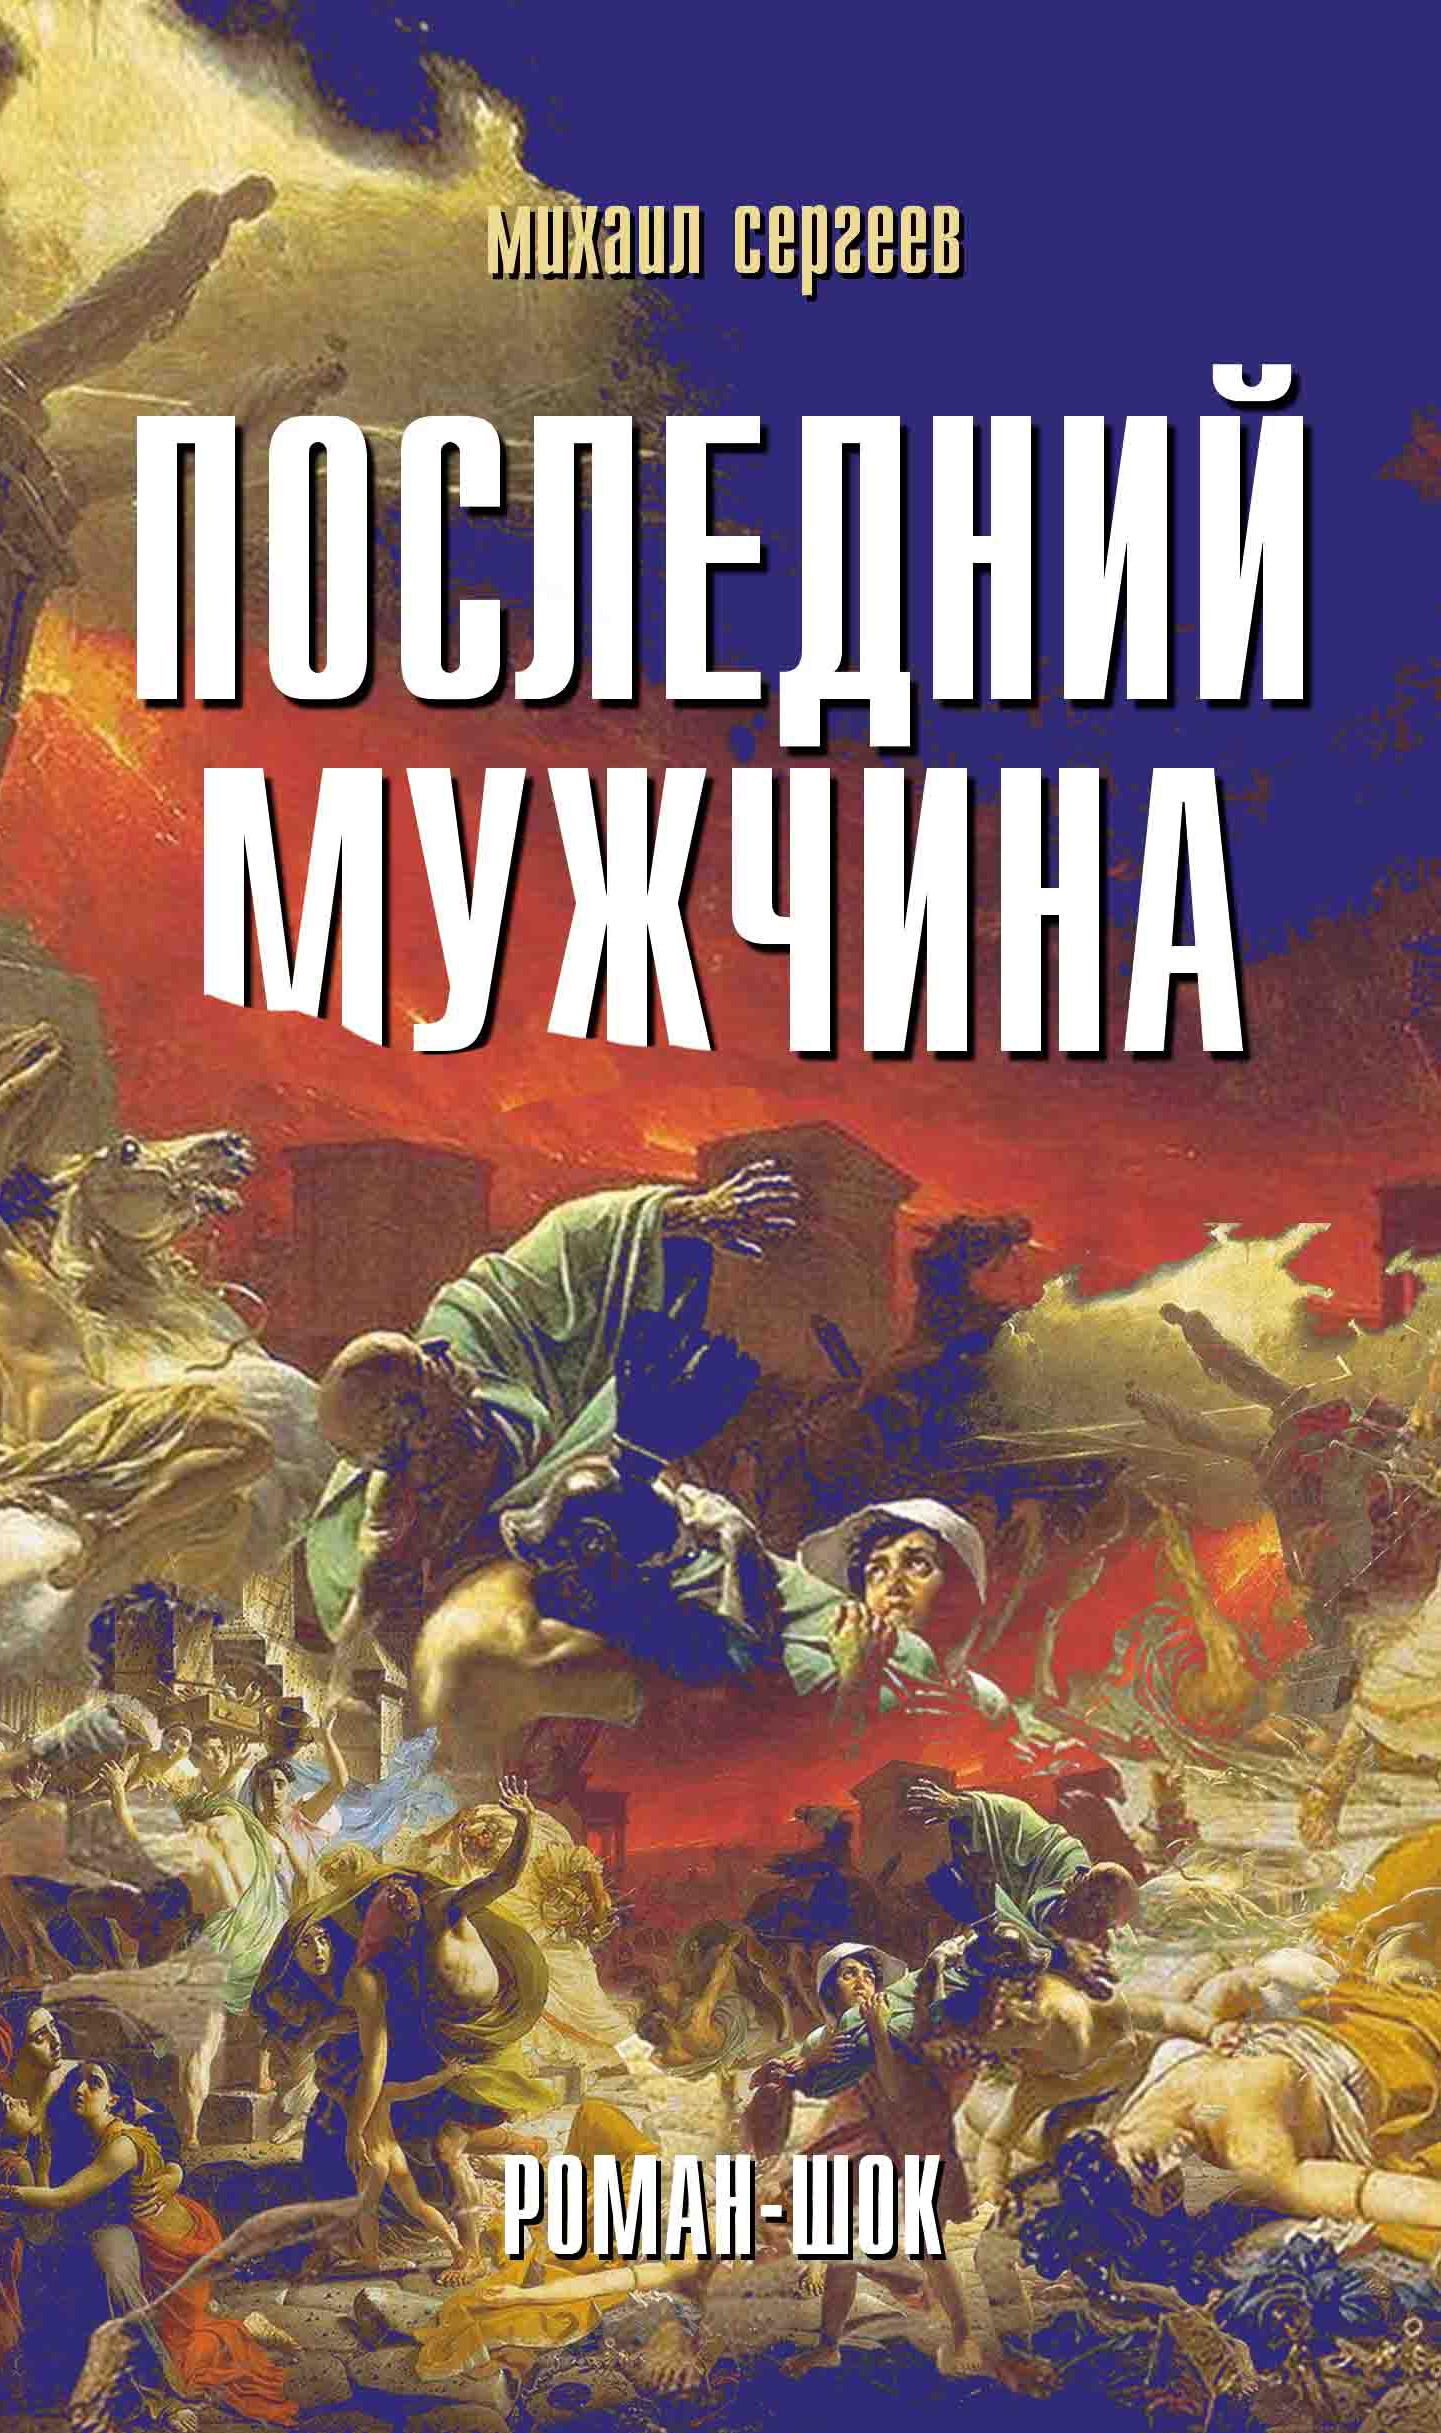 Михаил Сергеев Последний мужчина сергеев м последний мужчина роман шок